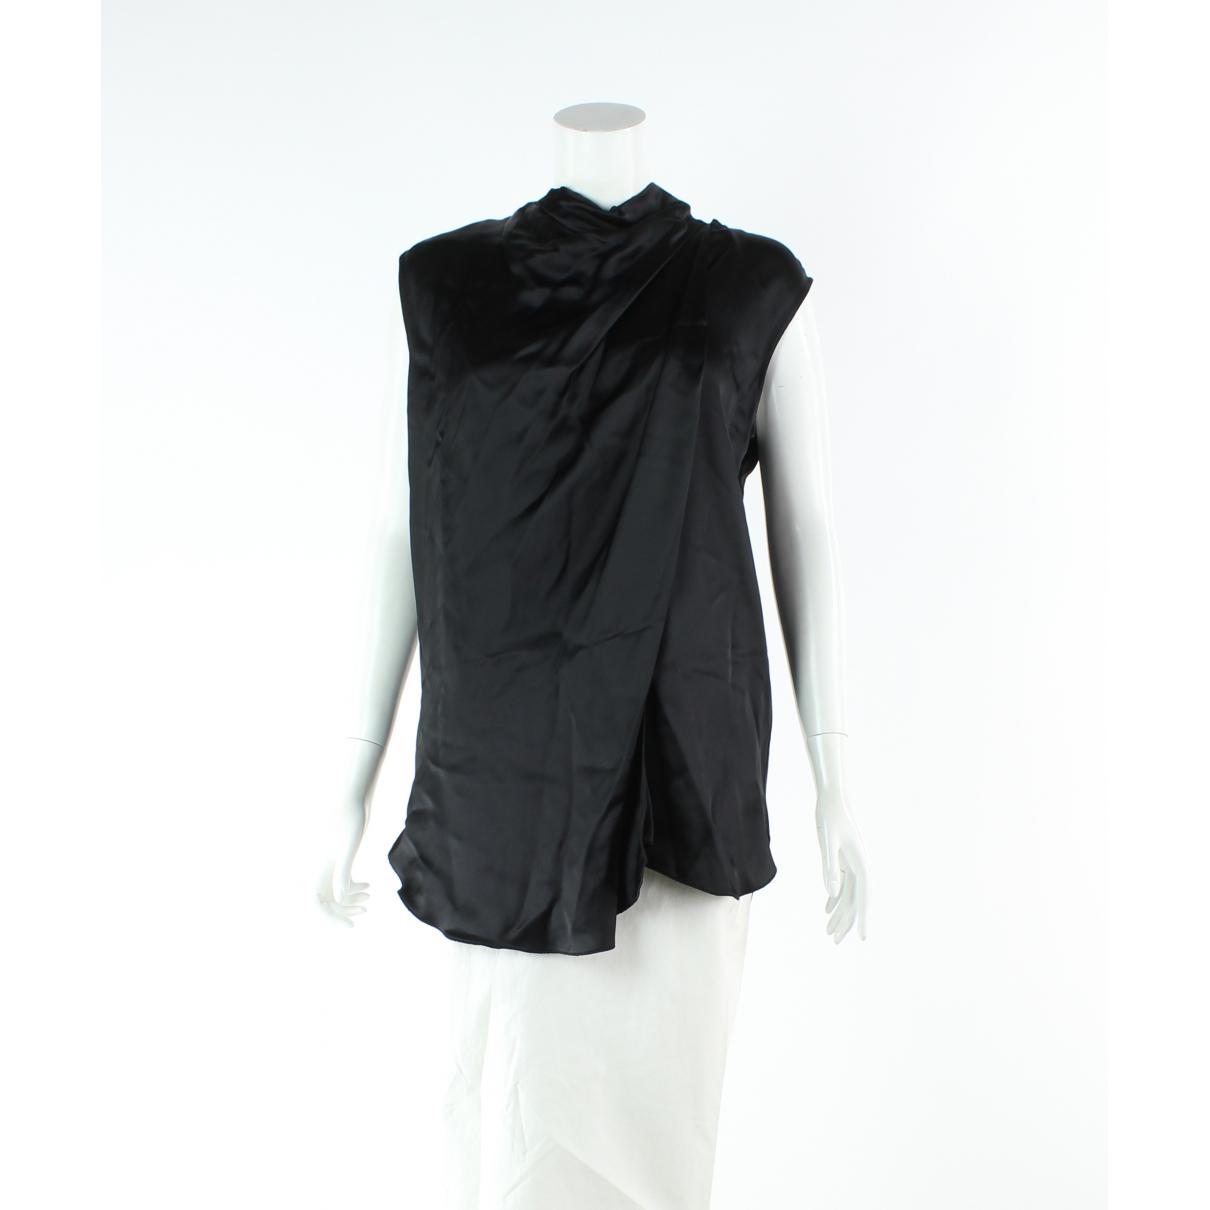 Celine \N Black  top for Women 40 FR